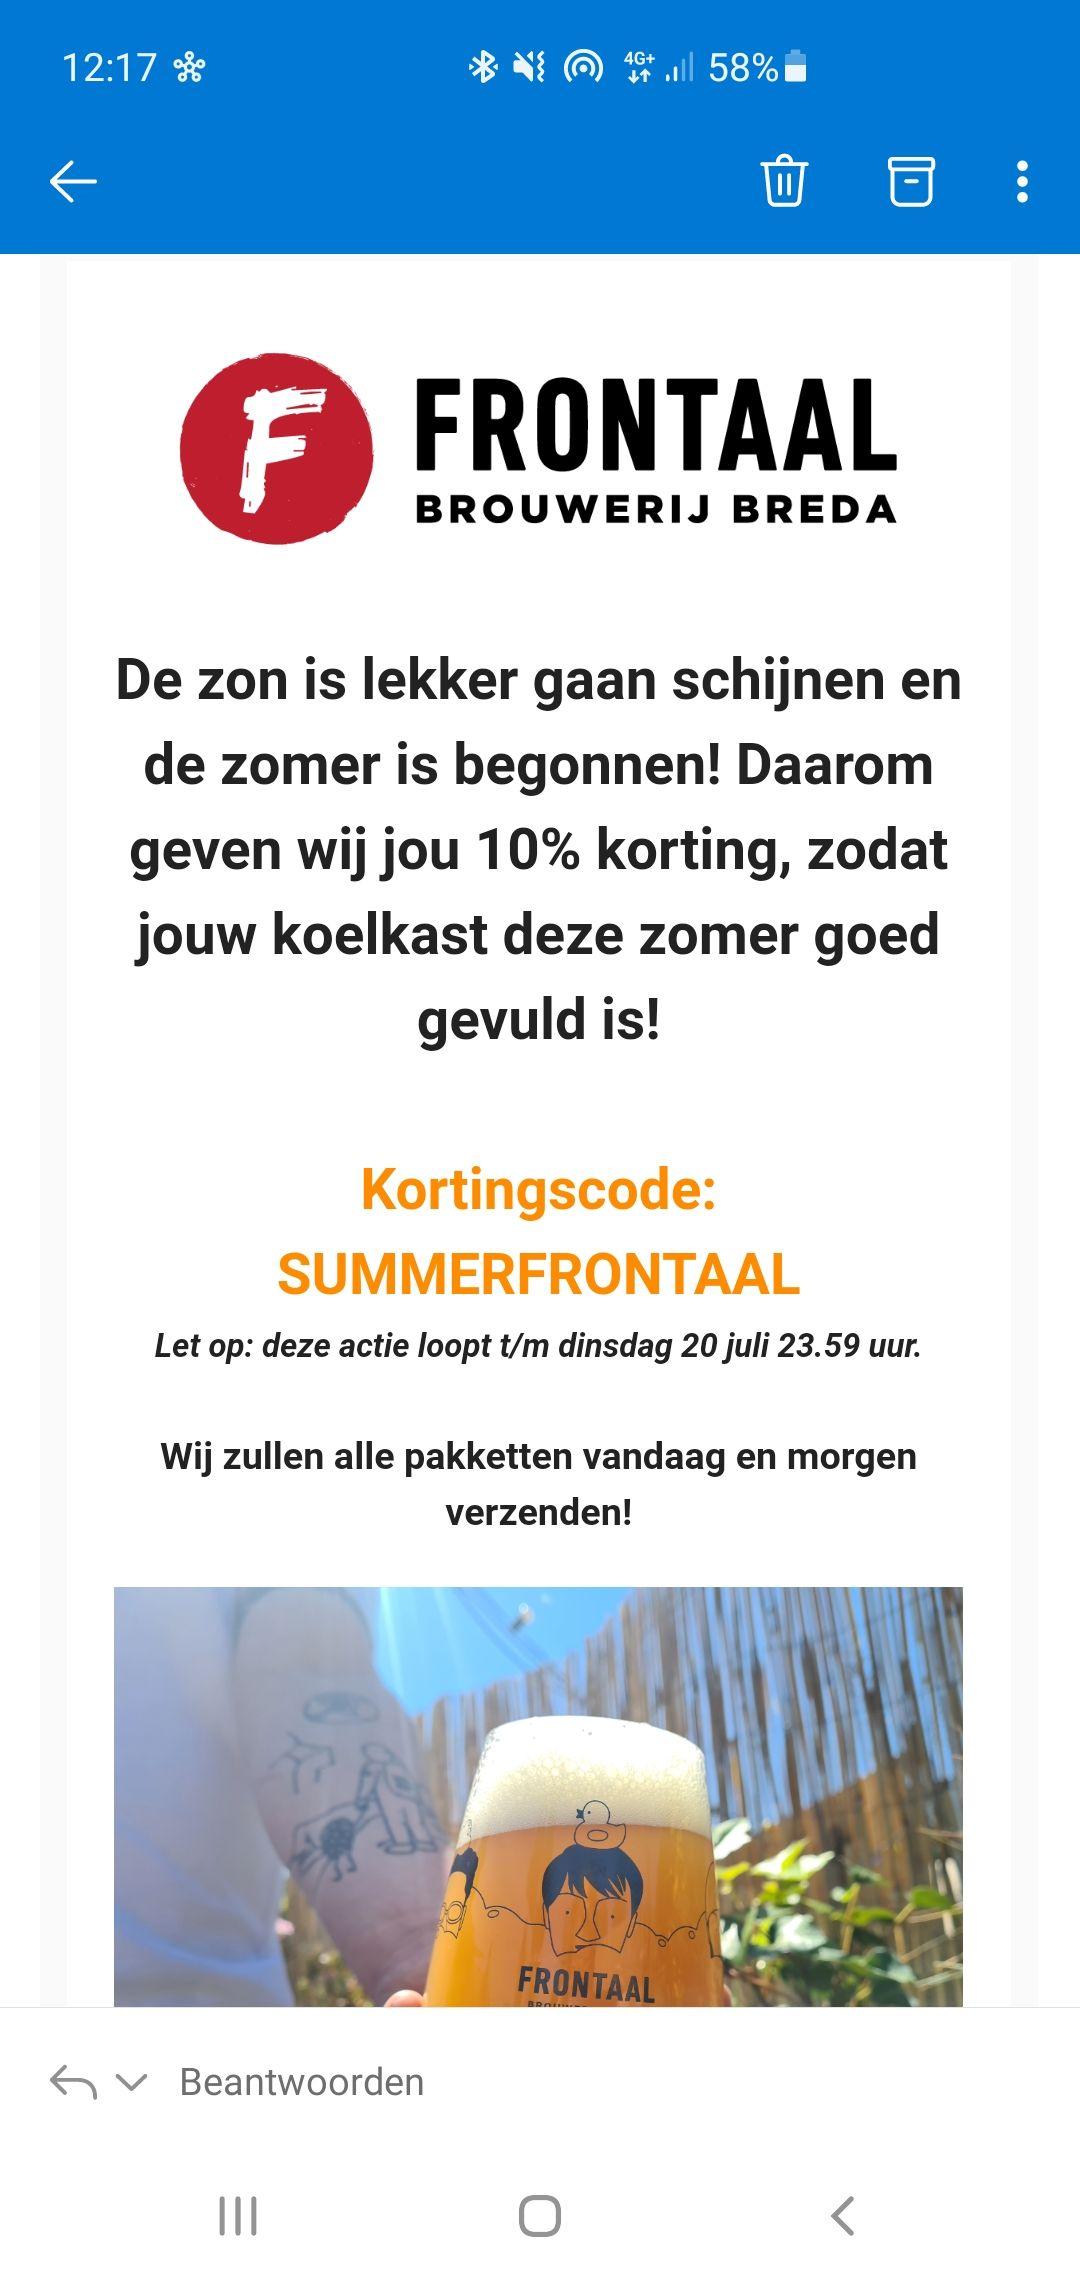 10% summer korting bij brouwerij Frontaal